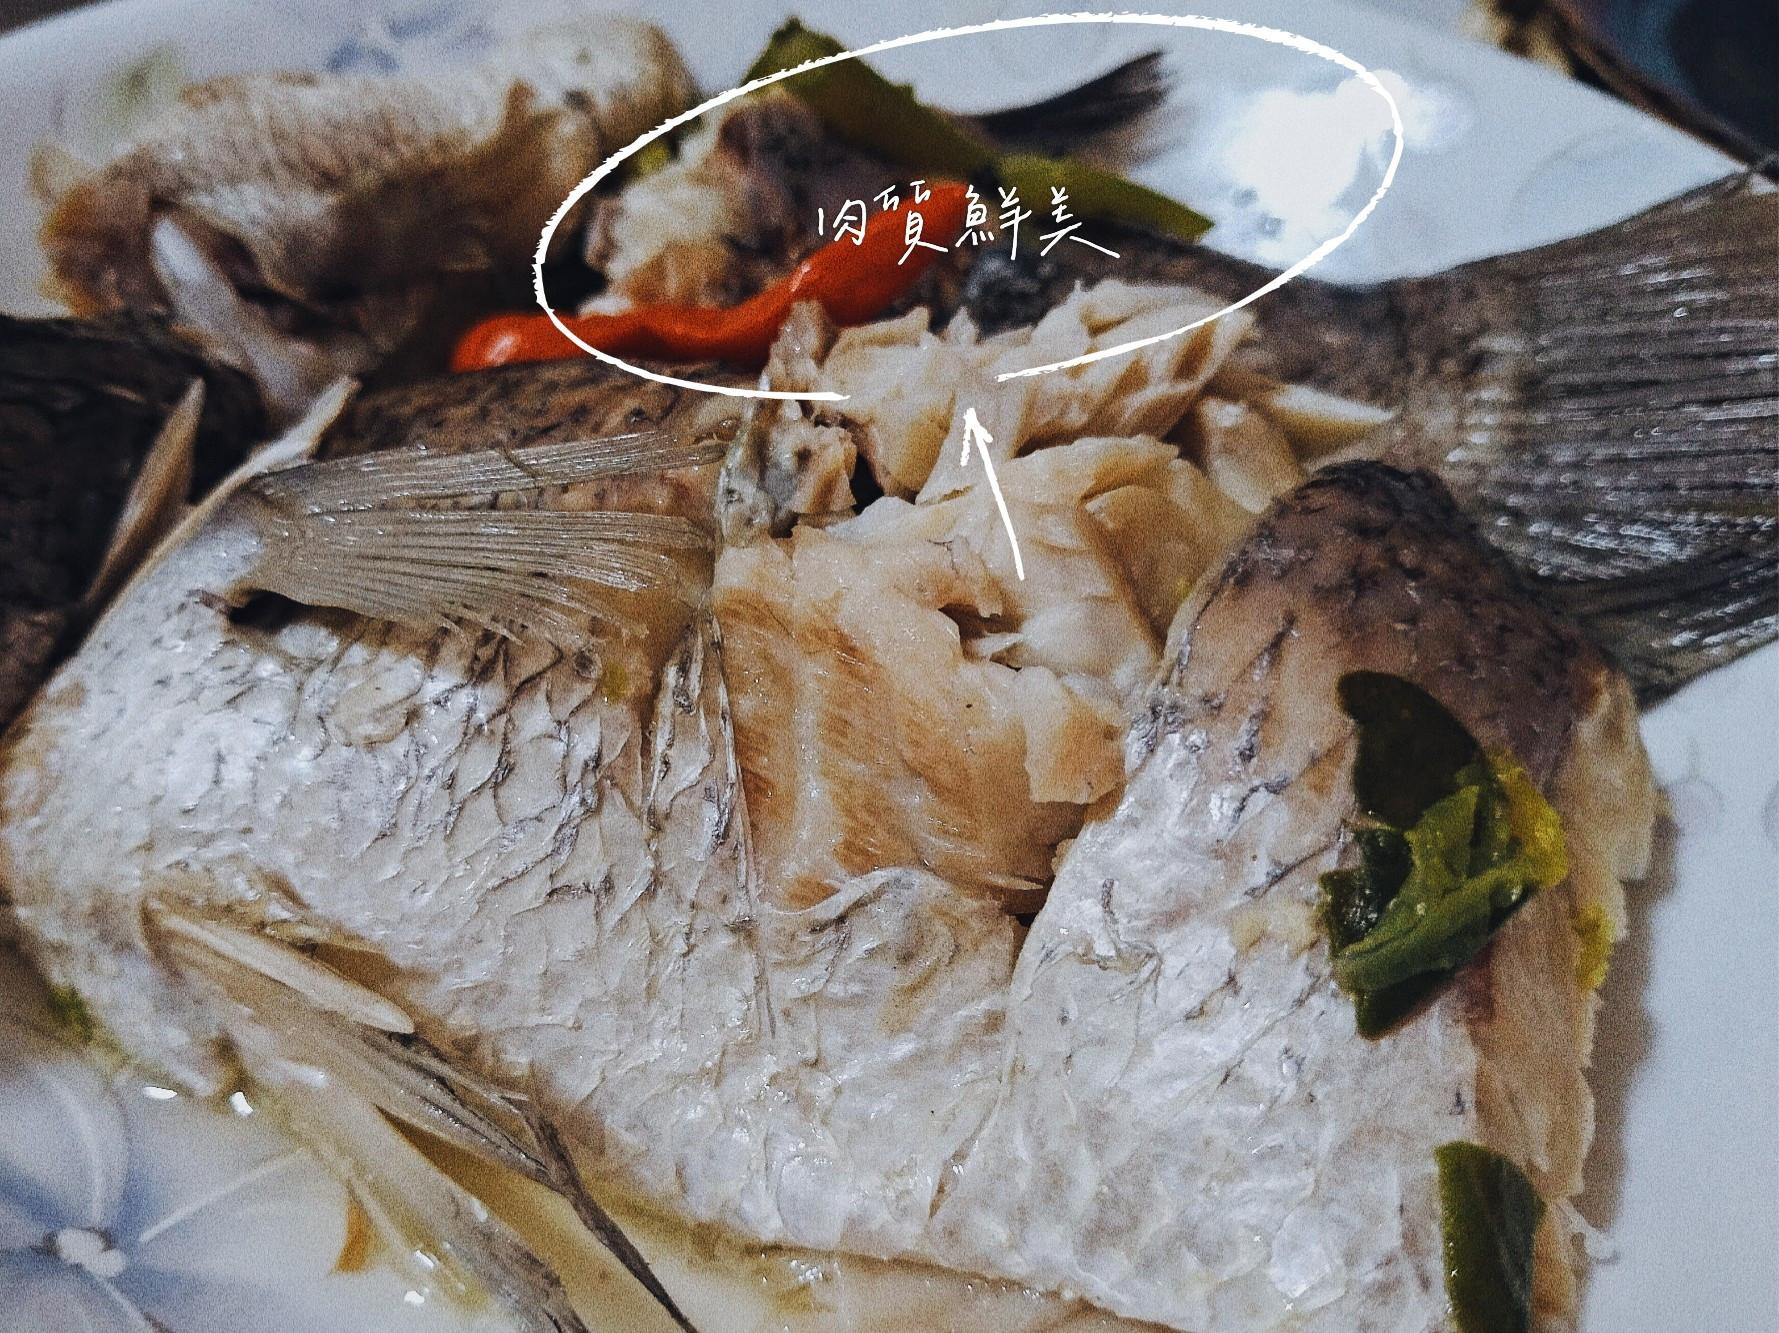 金目鱸魚鮮蔬湯